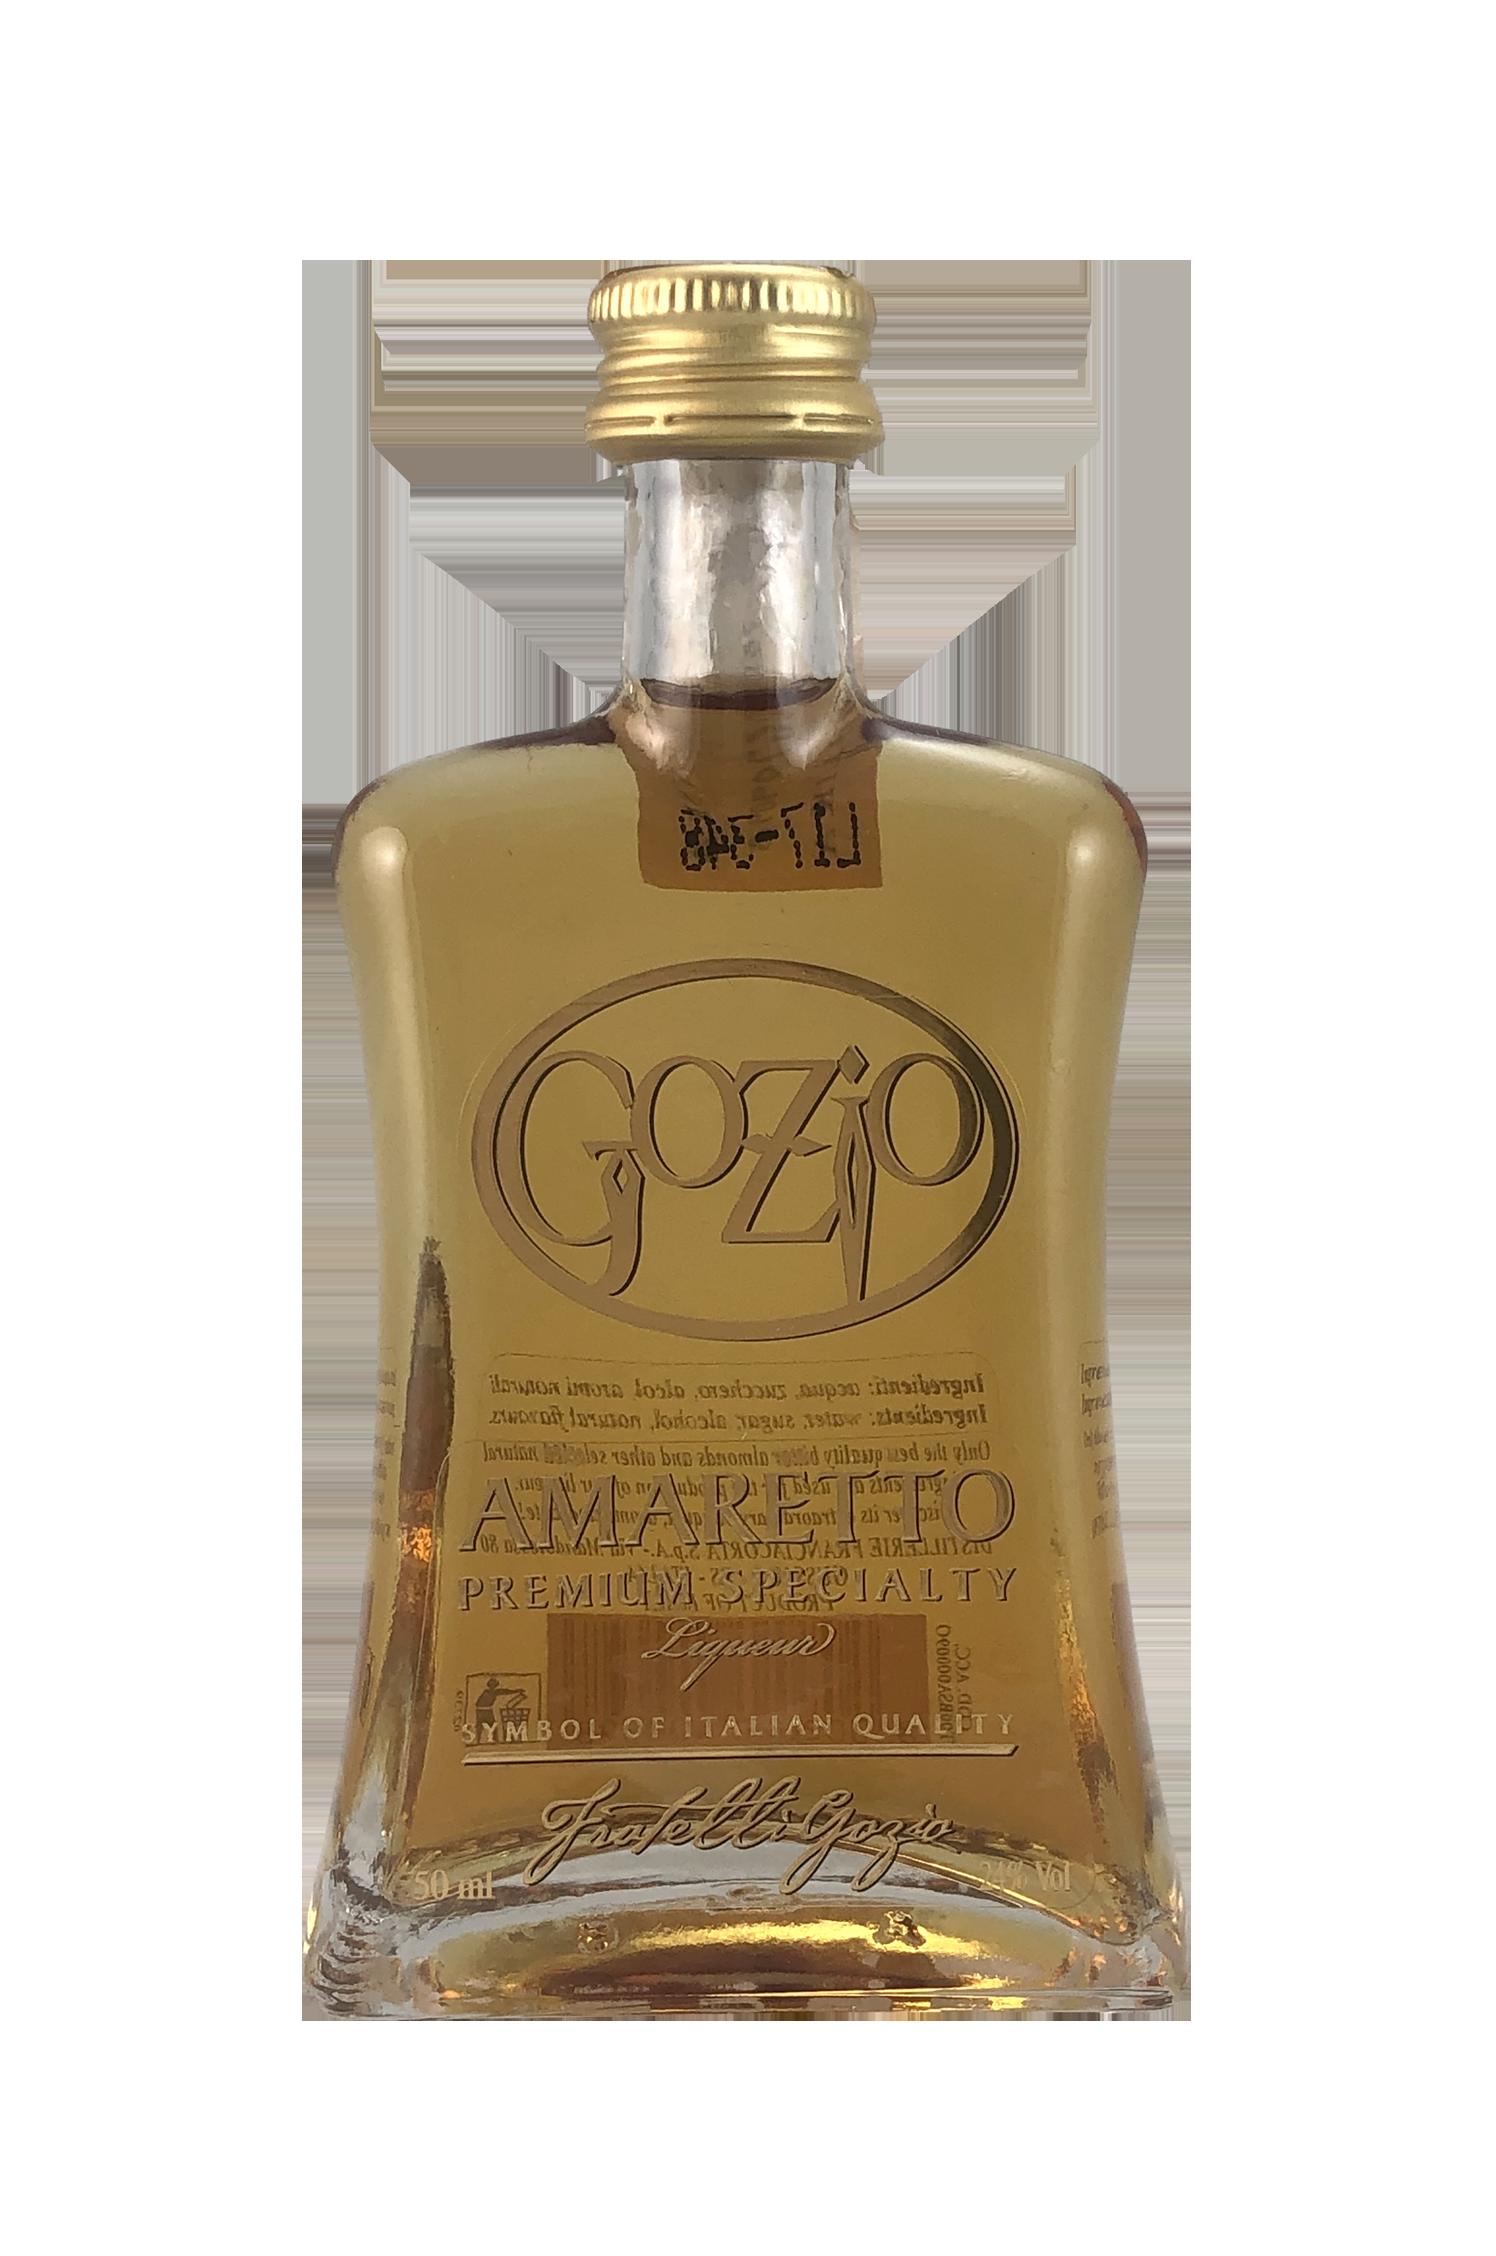 Gozio Amaretto Premium Specialty